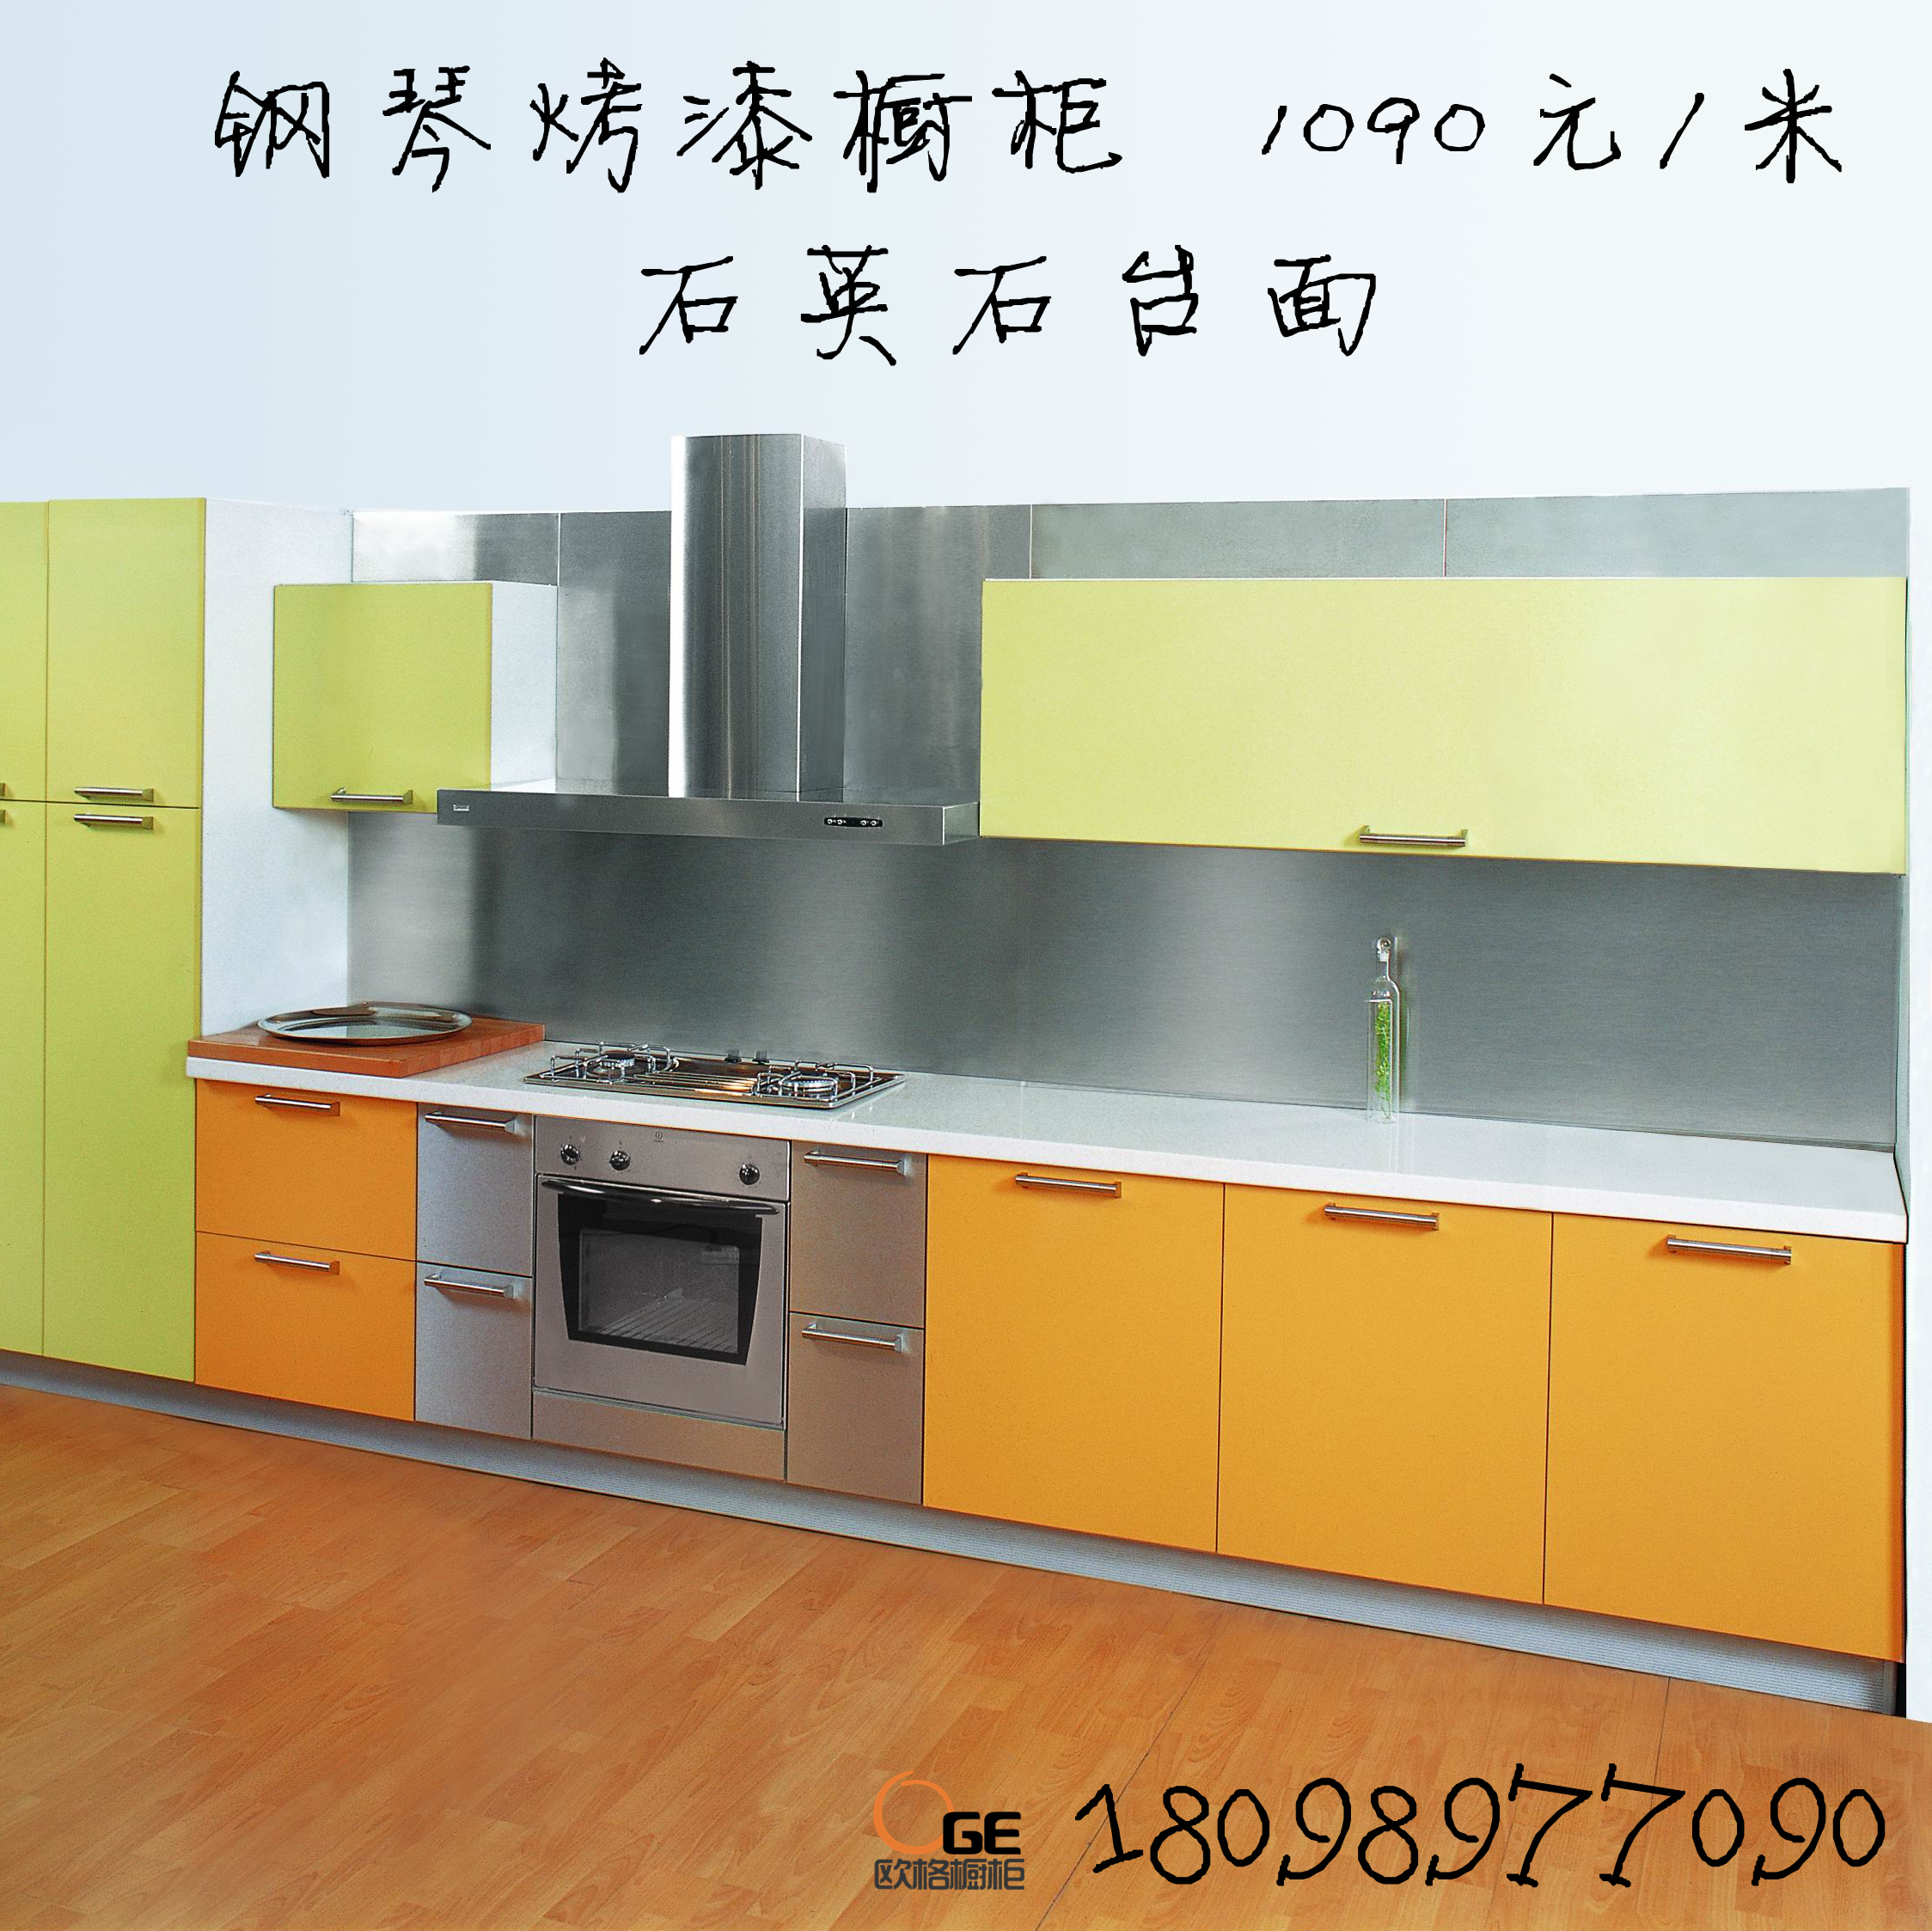 不鏽鋼廚櫃 不鏽鋼櫃體 不鏽鋼檯面 不鏽鋼櫥櫃 304不鏽鋼